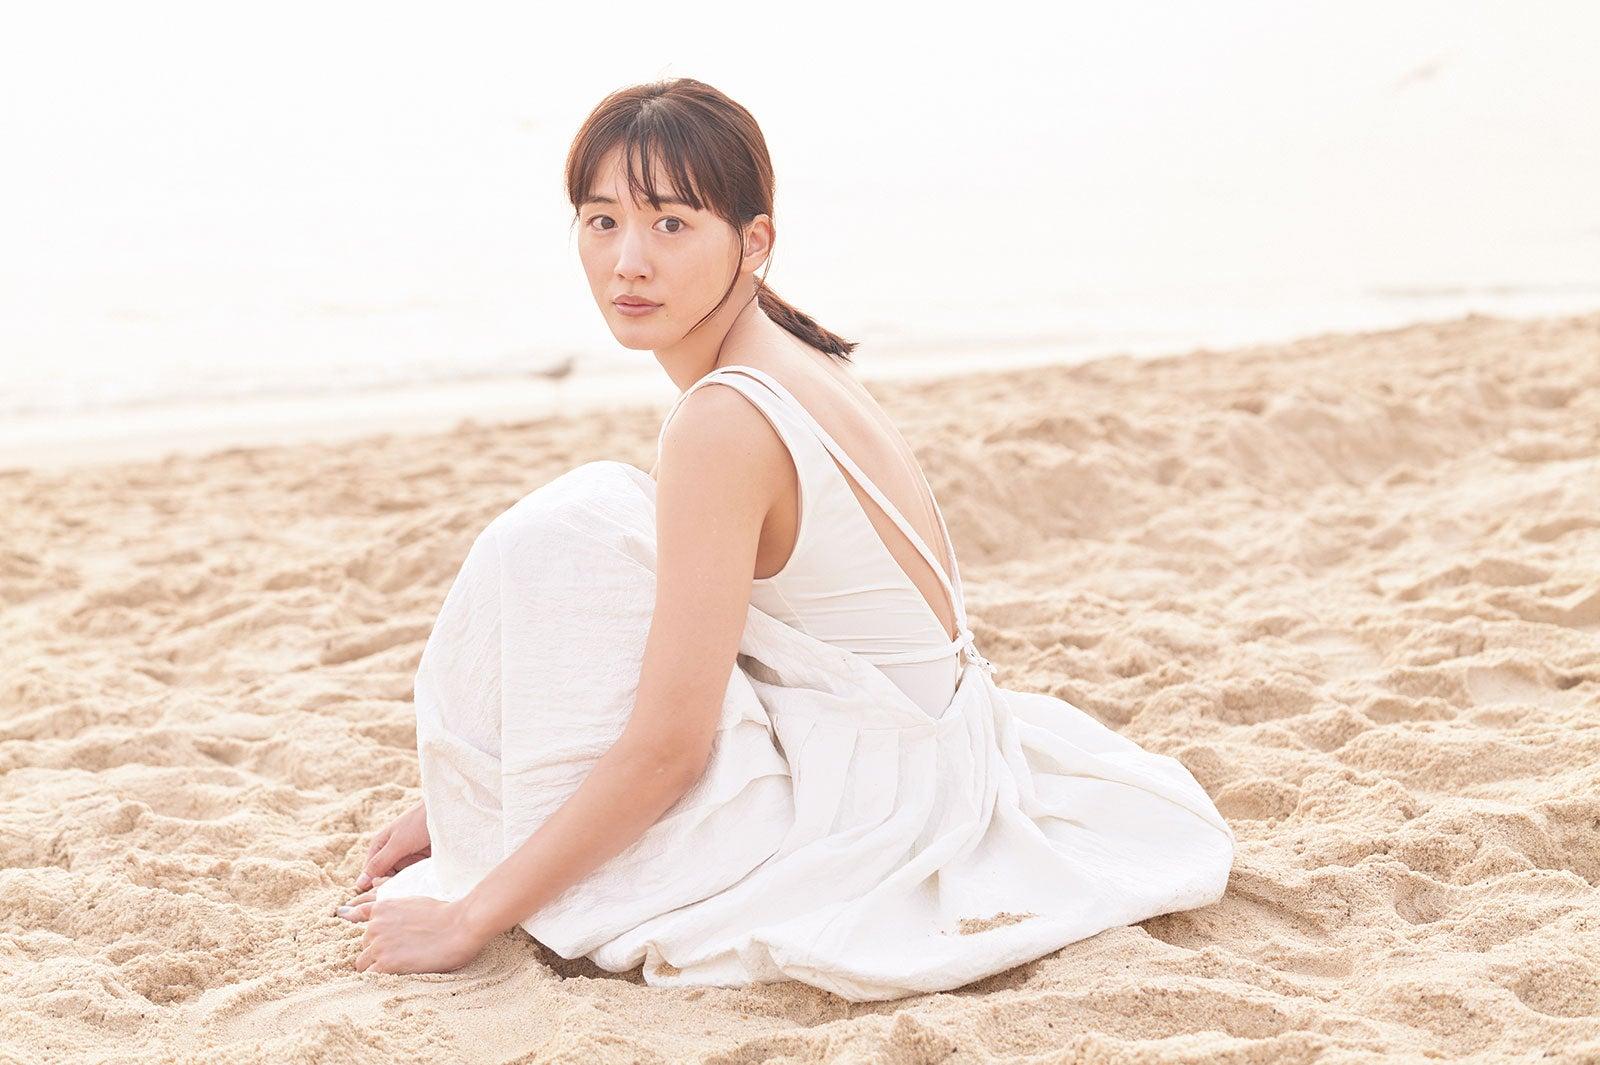 【画像】綾瀬はるかさん(35)、おっぱいを出してしまう